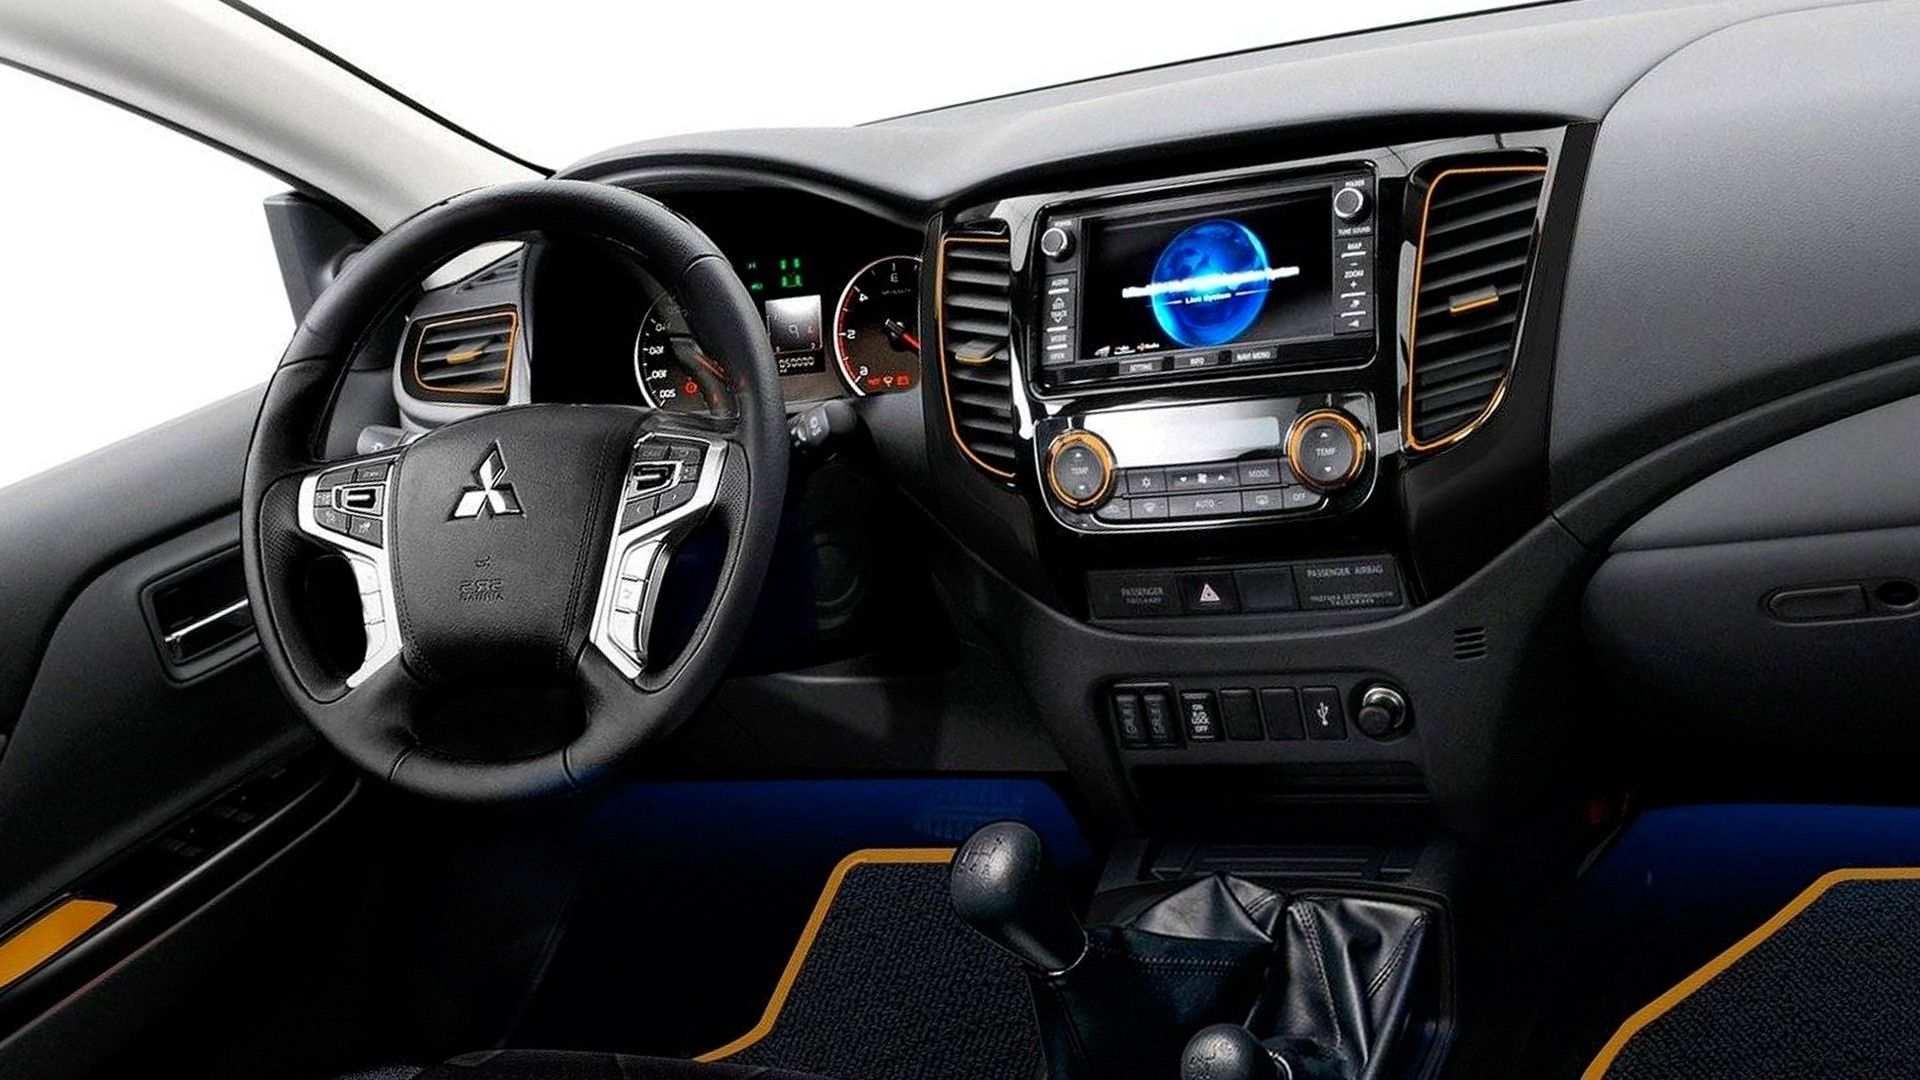 98 All New L200 Mitsubishi 2020 Interior Redesign for L200 Mitsubishi 2020 Interior